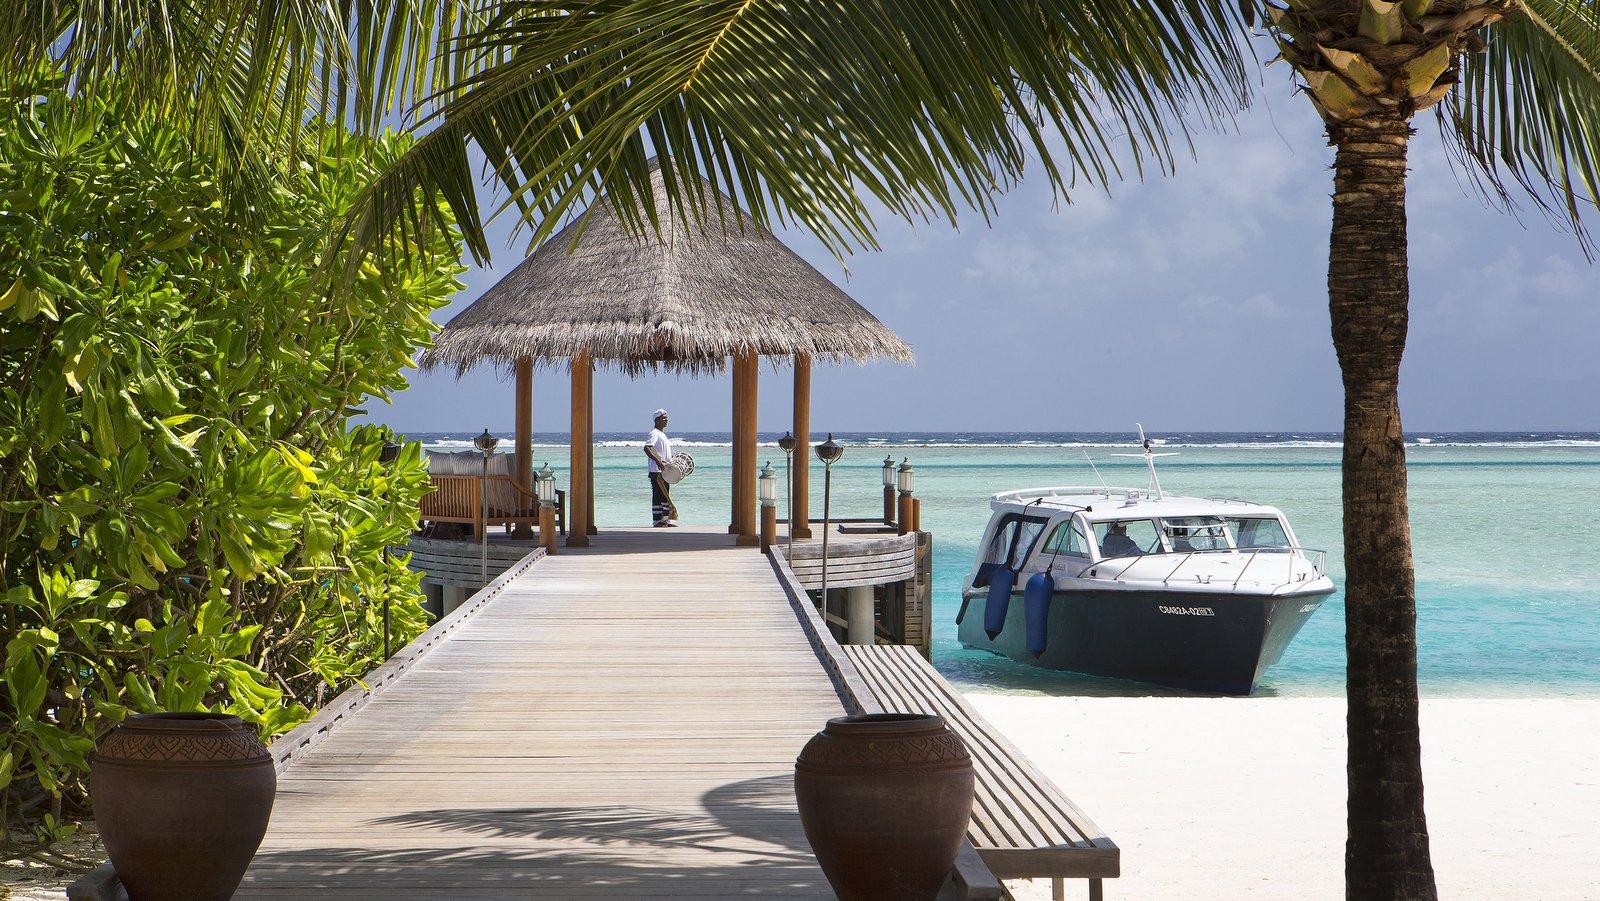 Мальдивы, отель Anantara Dhigu Maldives Resort, пристань